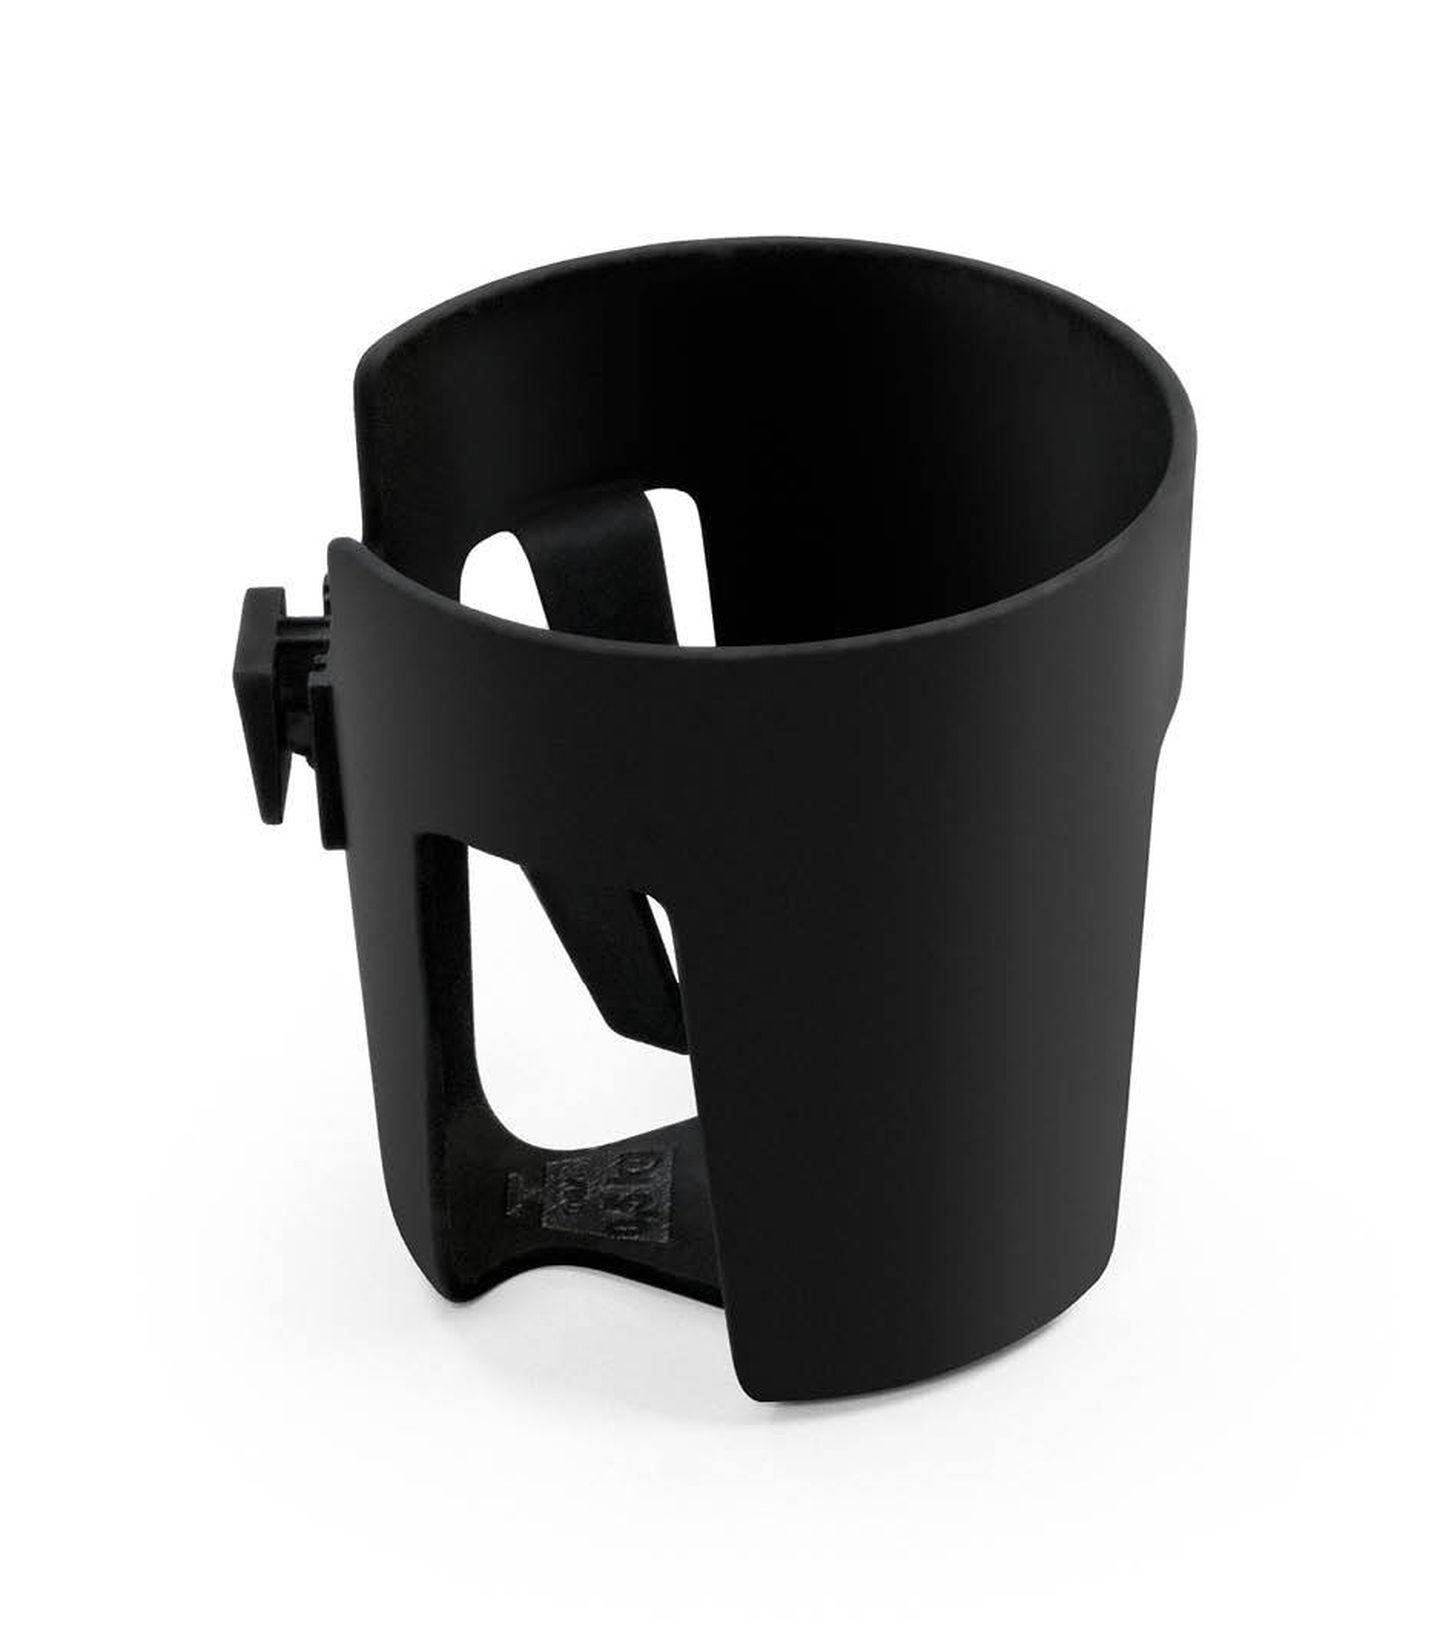 STOKKE Držák na pití Black